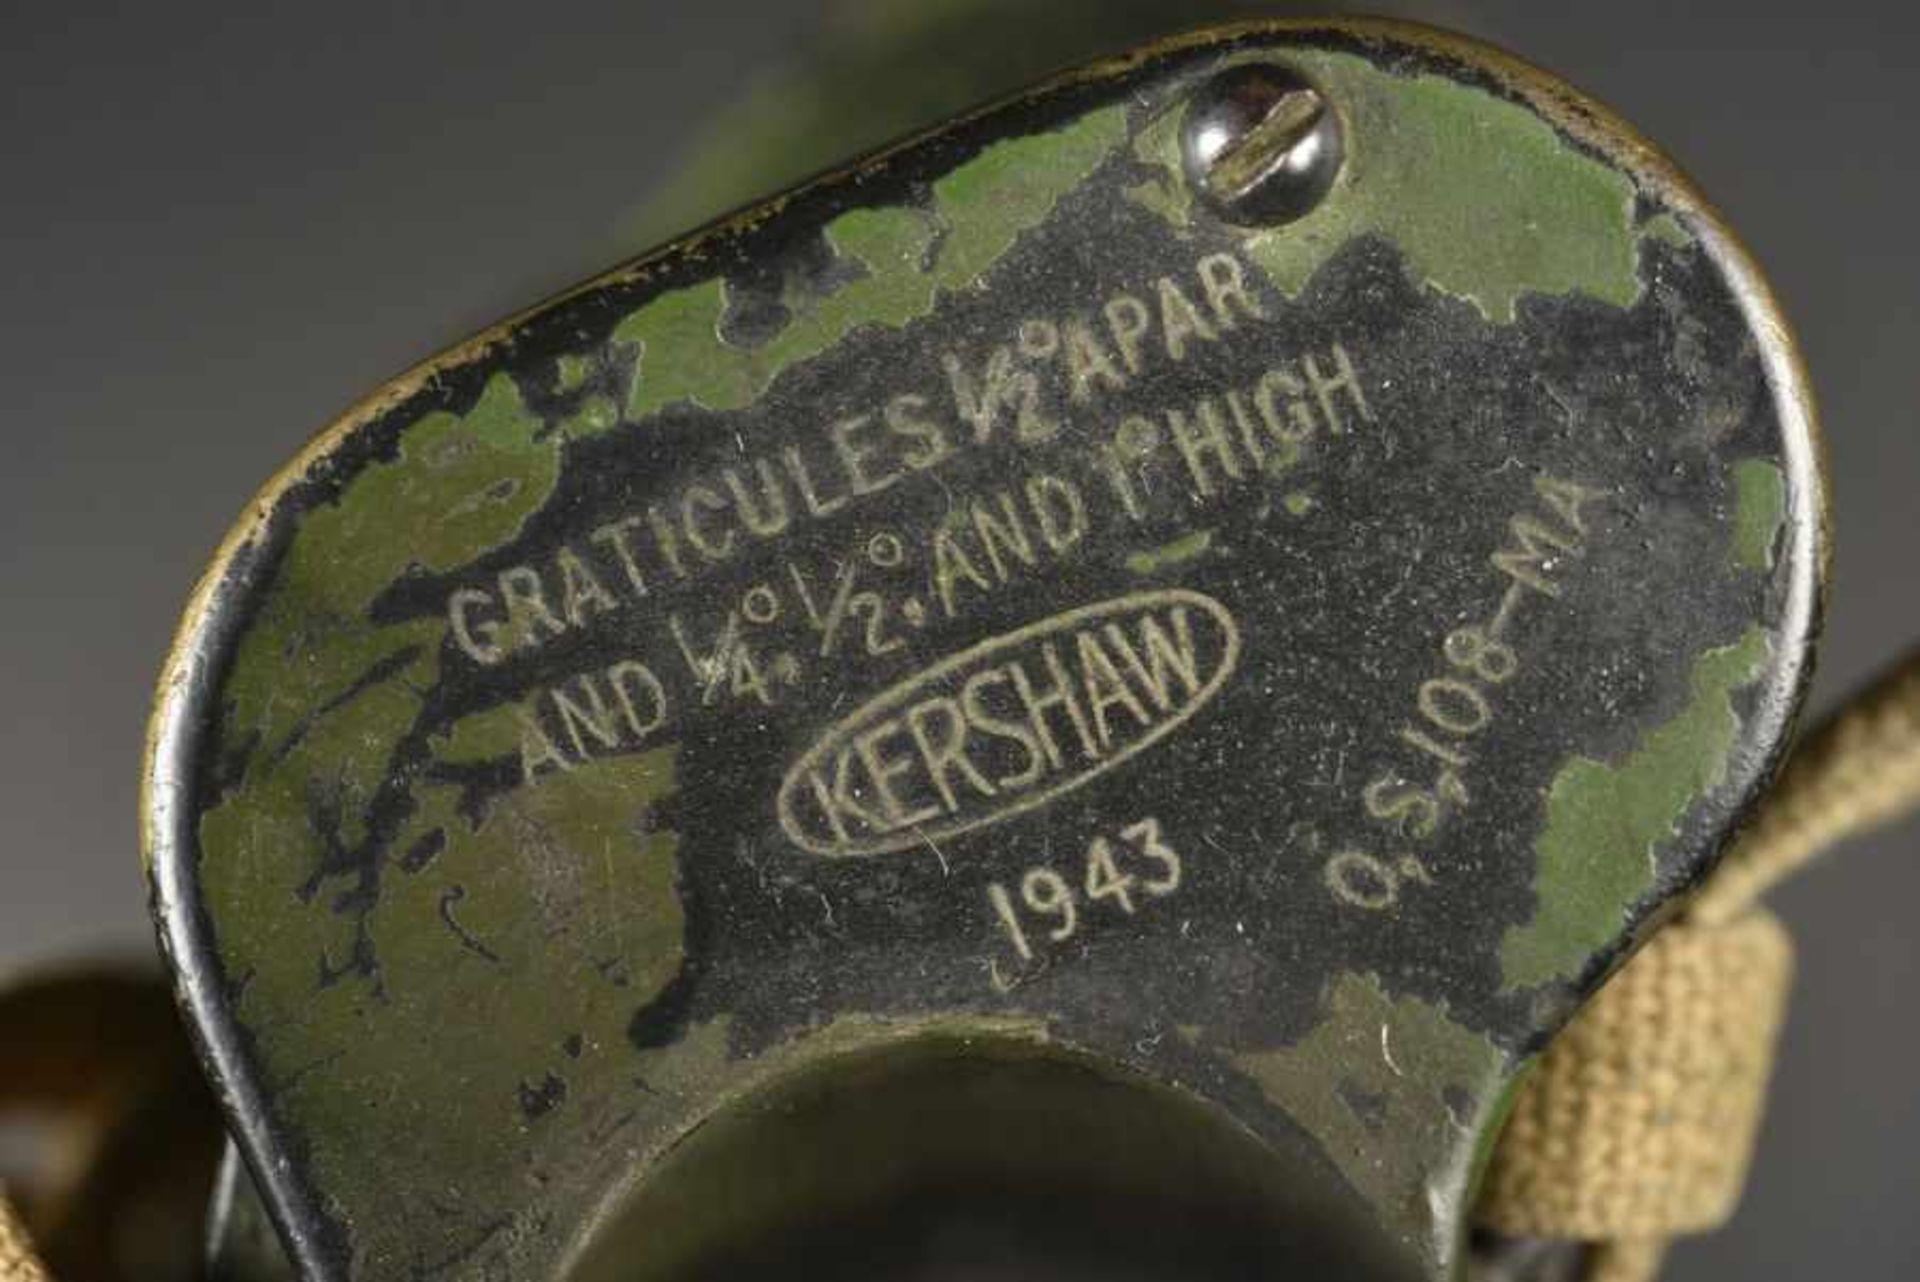 Jumelle du parachutiste britannique DS Catlin de la 6ème Airborne. A pair of binoculars belonging to - Bild 3 aus 4